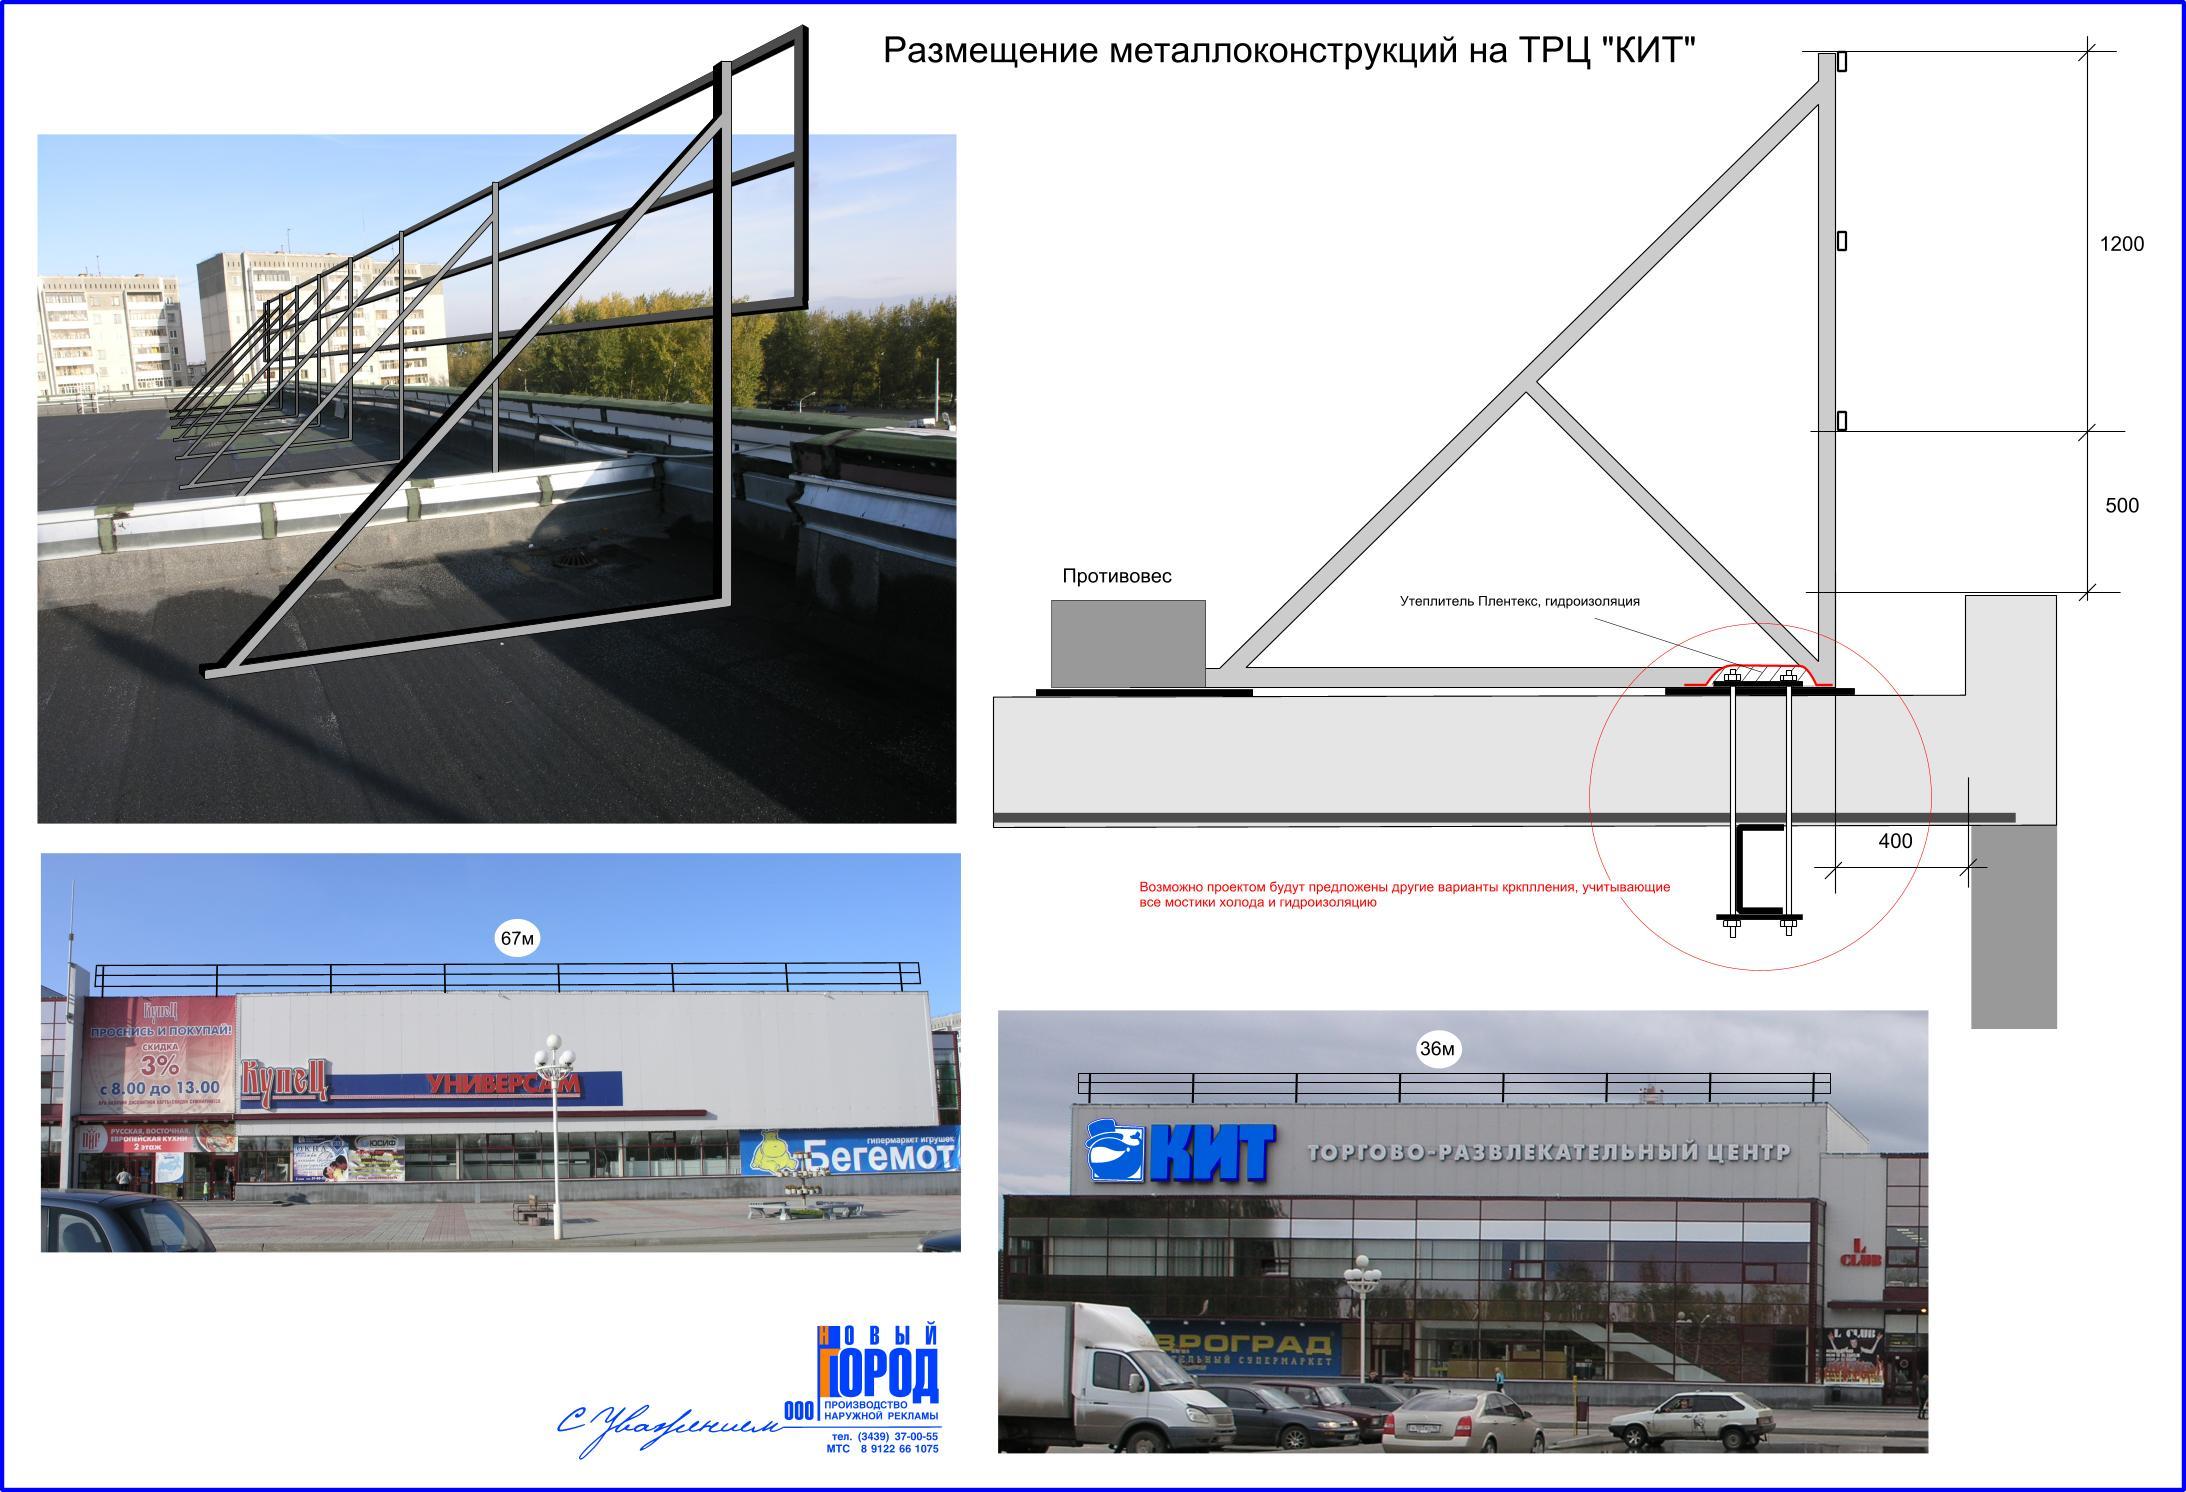 Эскиз металоконструкции на ТРЦ КИТ